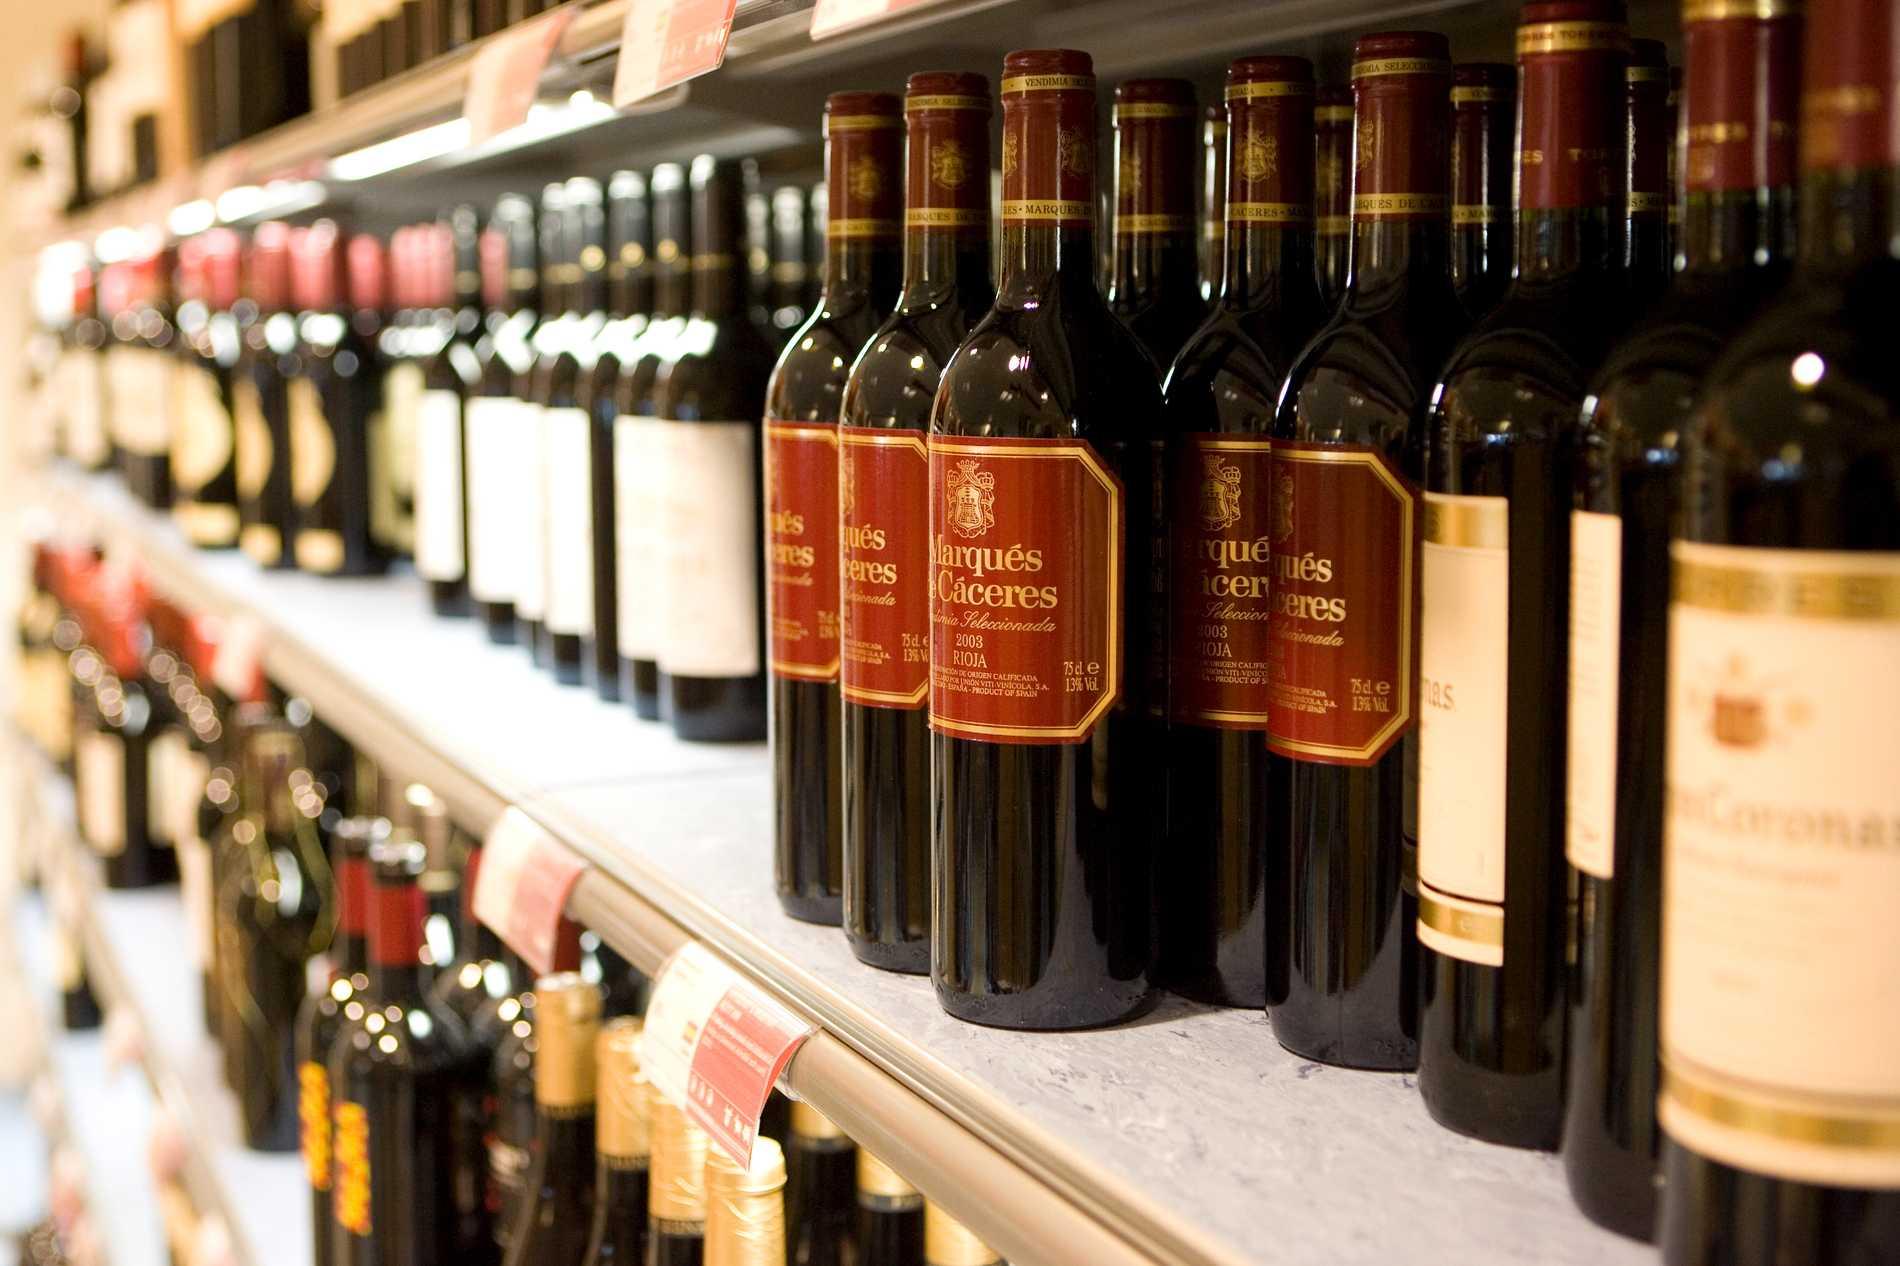 Vinflaskor på rad. Bilden är en legal systembolagsbutik. Arkivbild.